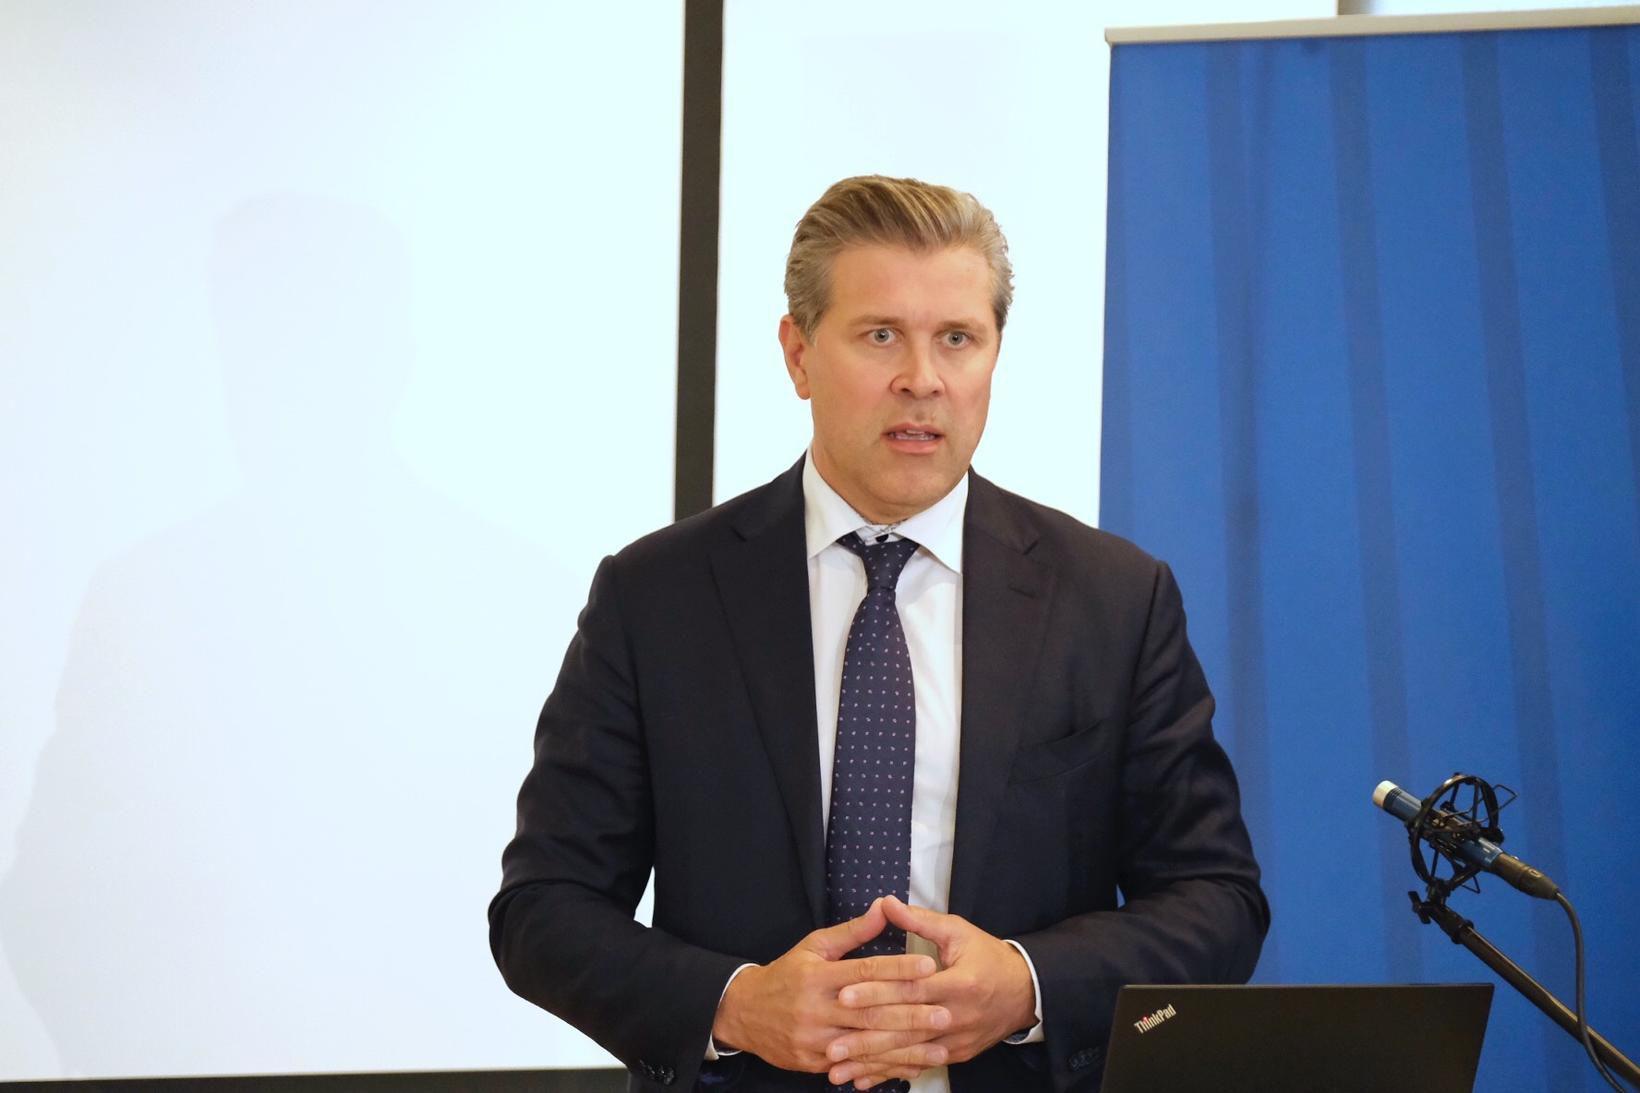 Bjarni Benediktsson fjármálaráðherra verður á meðal gesta.